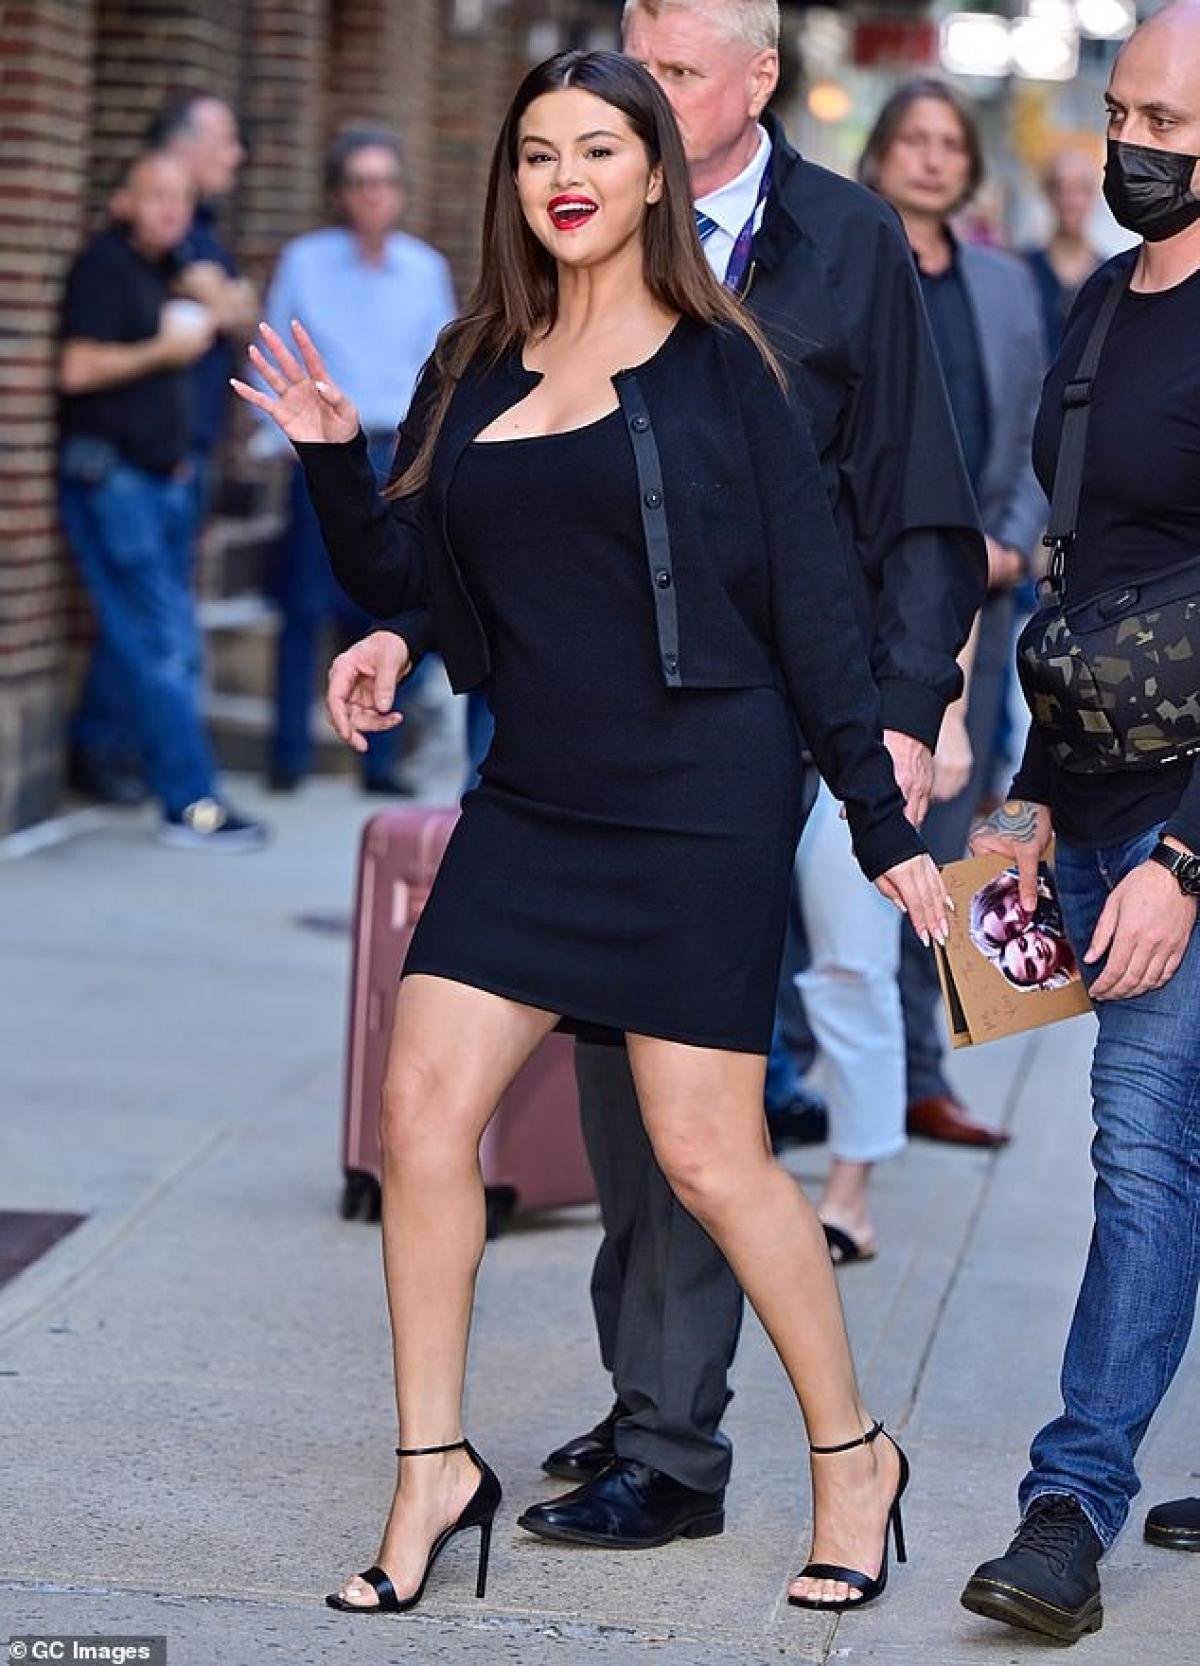 """Trước đó, Selena Gomez cũng tiết lộ ý định giải nghệ khi đang ở đỉnh cao trong sự nghiệp âm nhạc. """"Thật khó để tiếp tục hoạt động âm nhạc khi mọi người không coi trọng bạn"""", Gomez chia sẻ. Selena cho biết cô muốn sống chậm lại, tận hưởng cuộc sống và theo đuổi những mục tiêu mới trong cuộc sống./."""